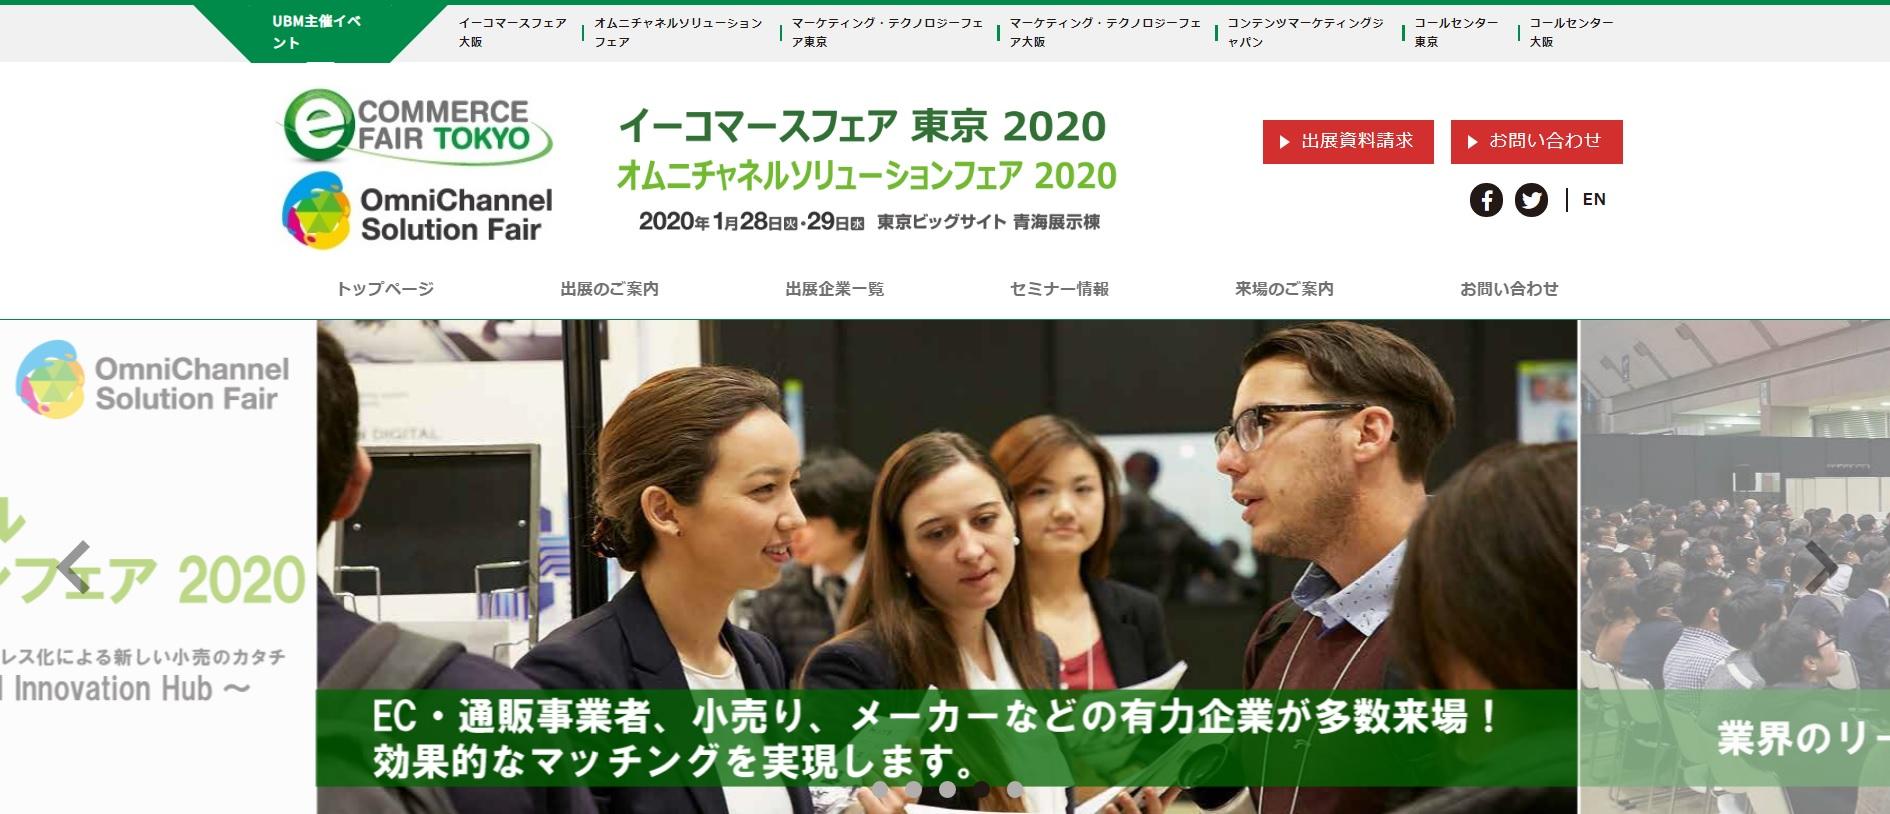 イーコマースフェア2020公式ページ画像